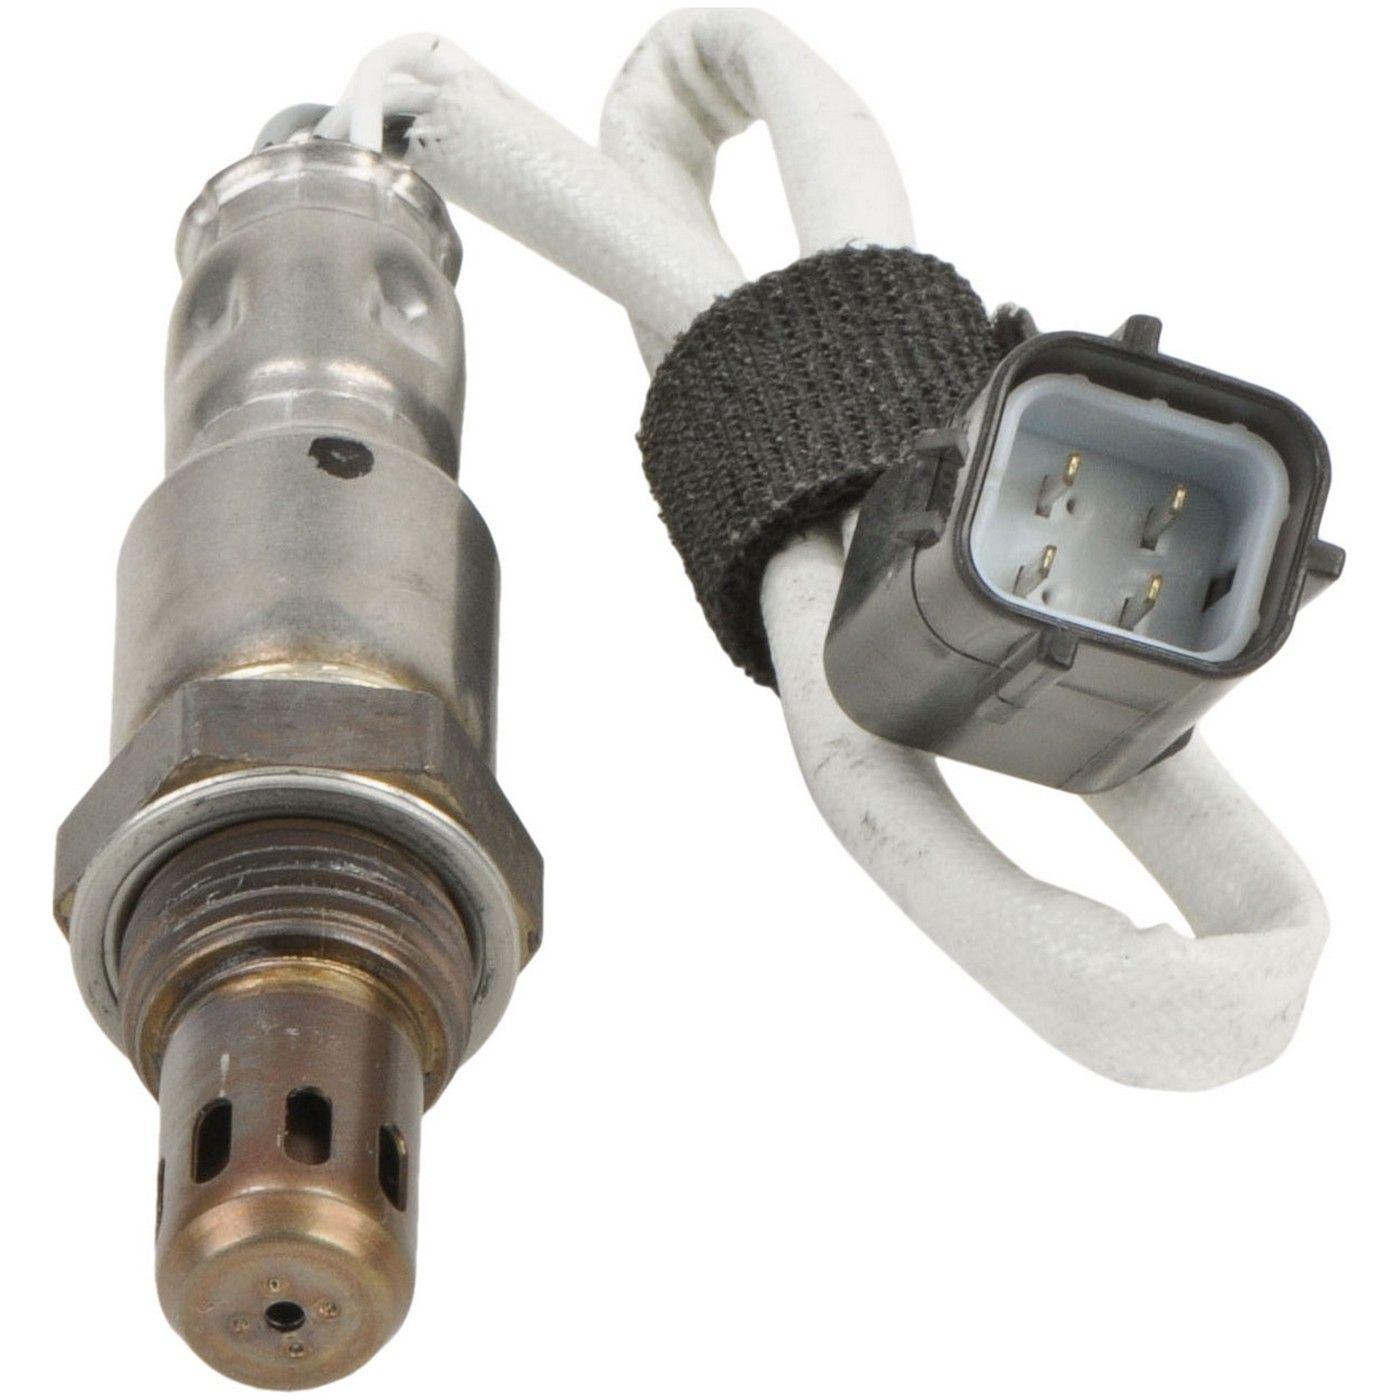 O2 Sensor Gas Mileage: 2008 Infiniti G35 Oxygen Sensor